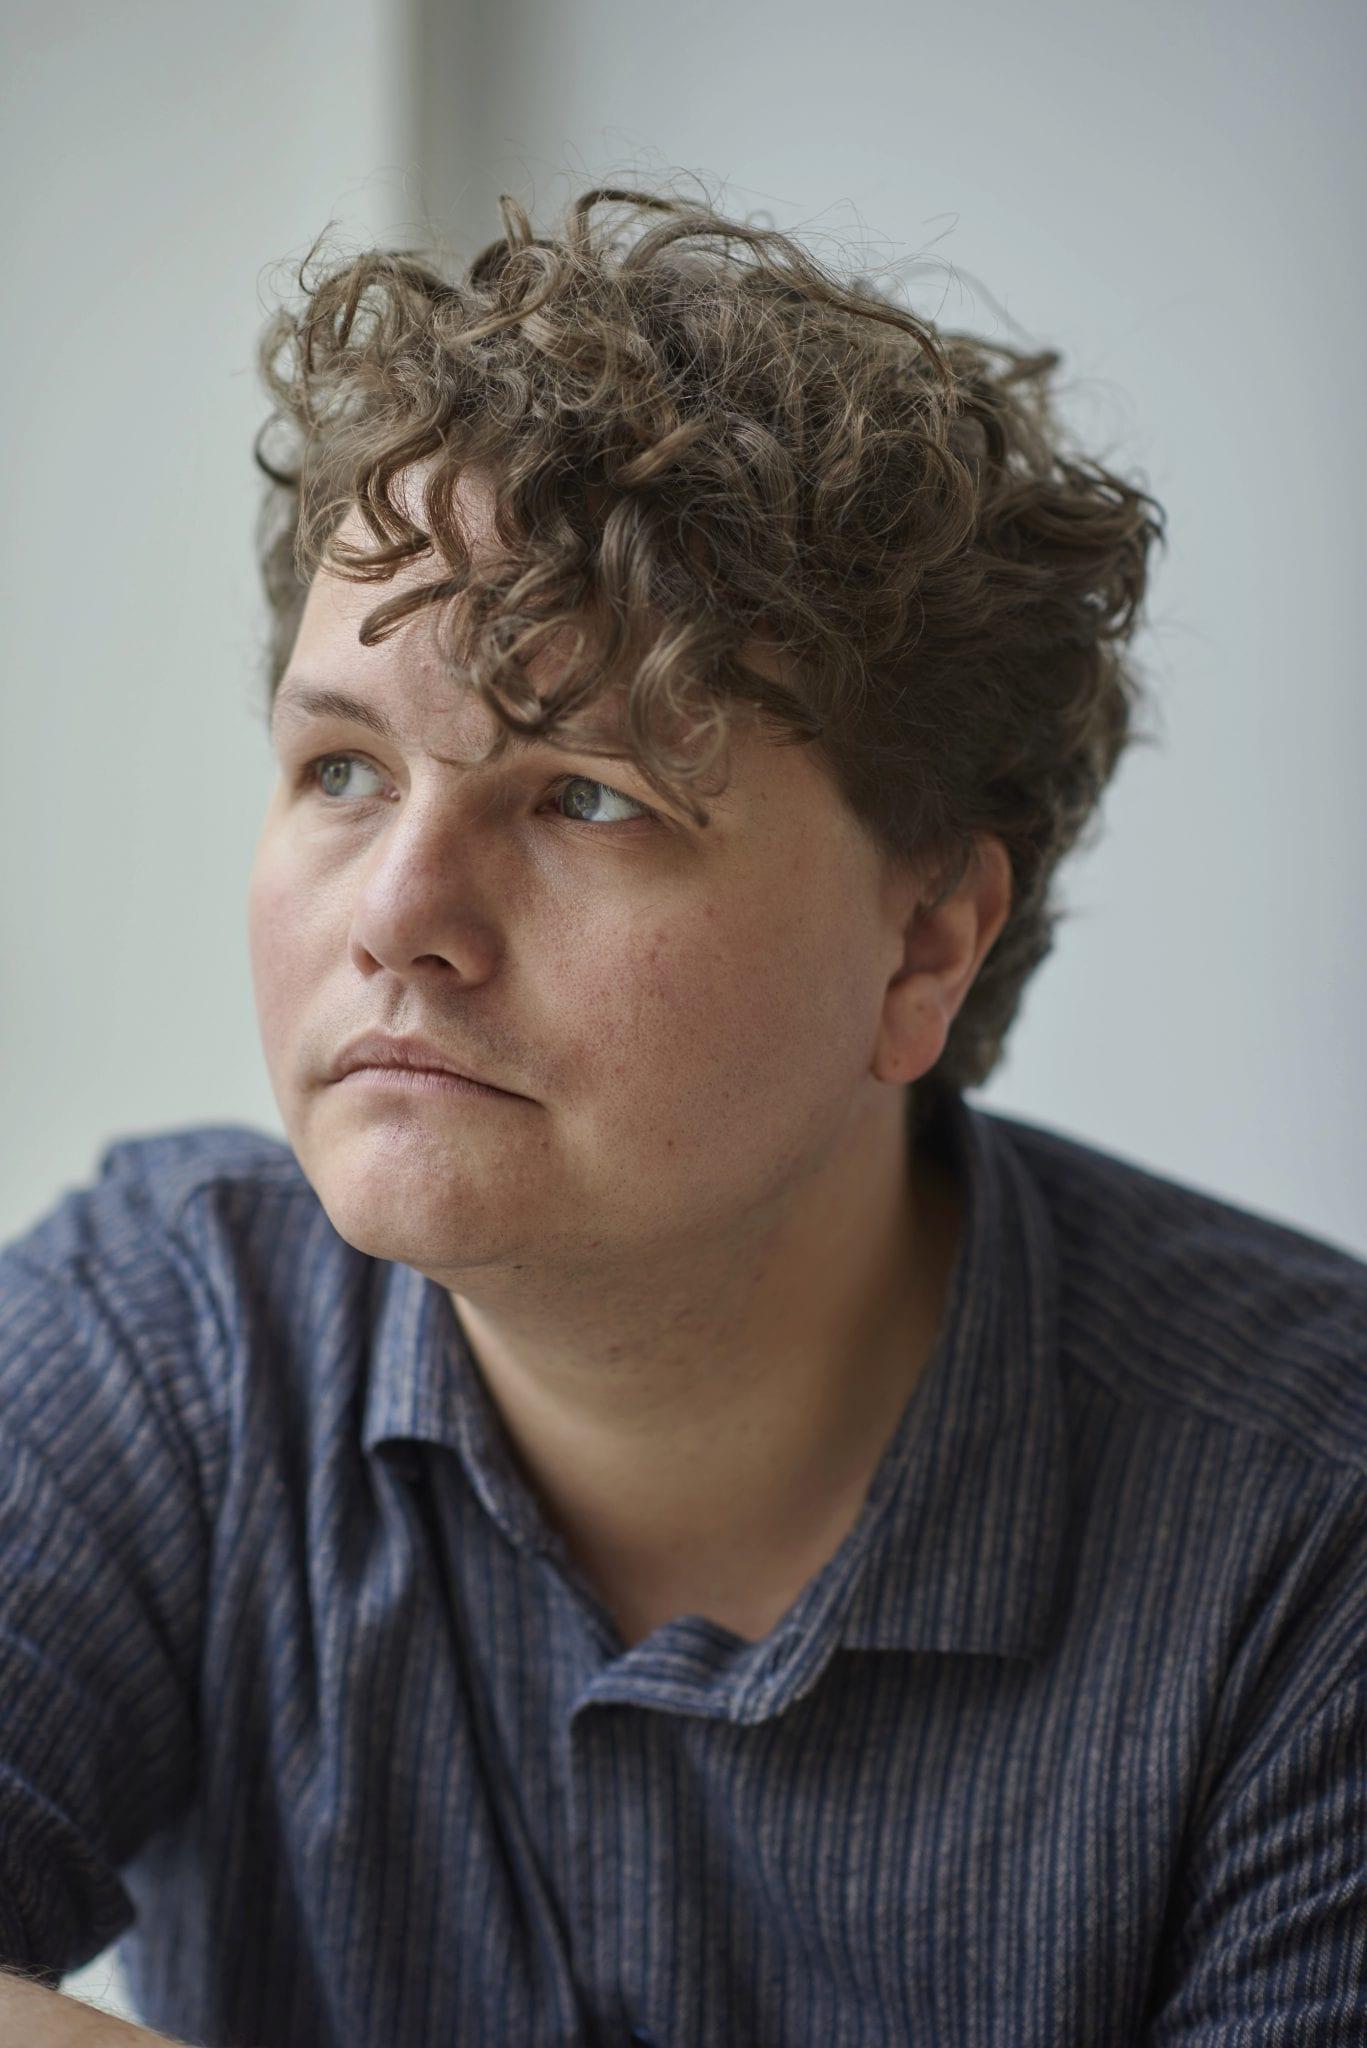 Maarten van der Graaff © Bianca Sistermans